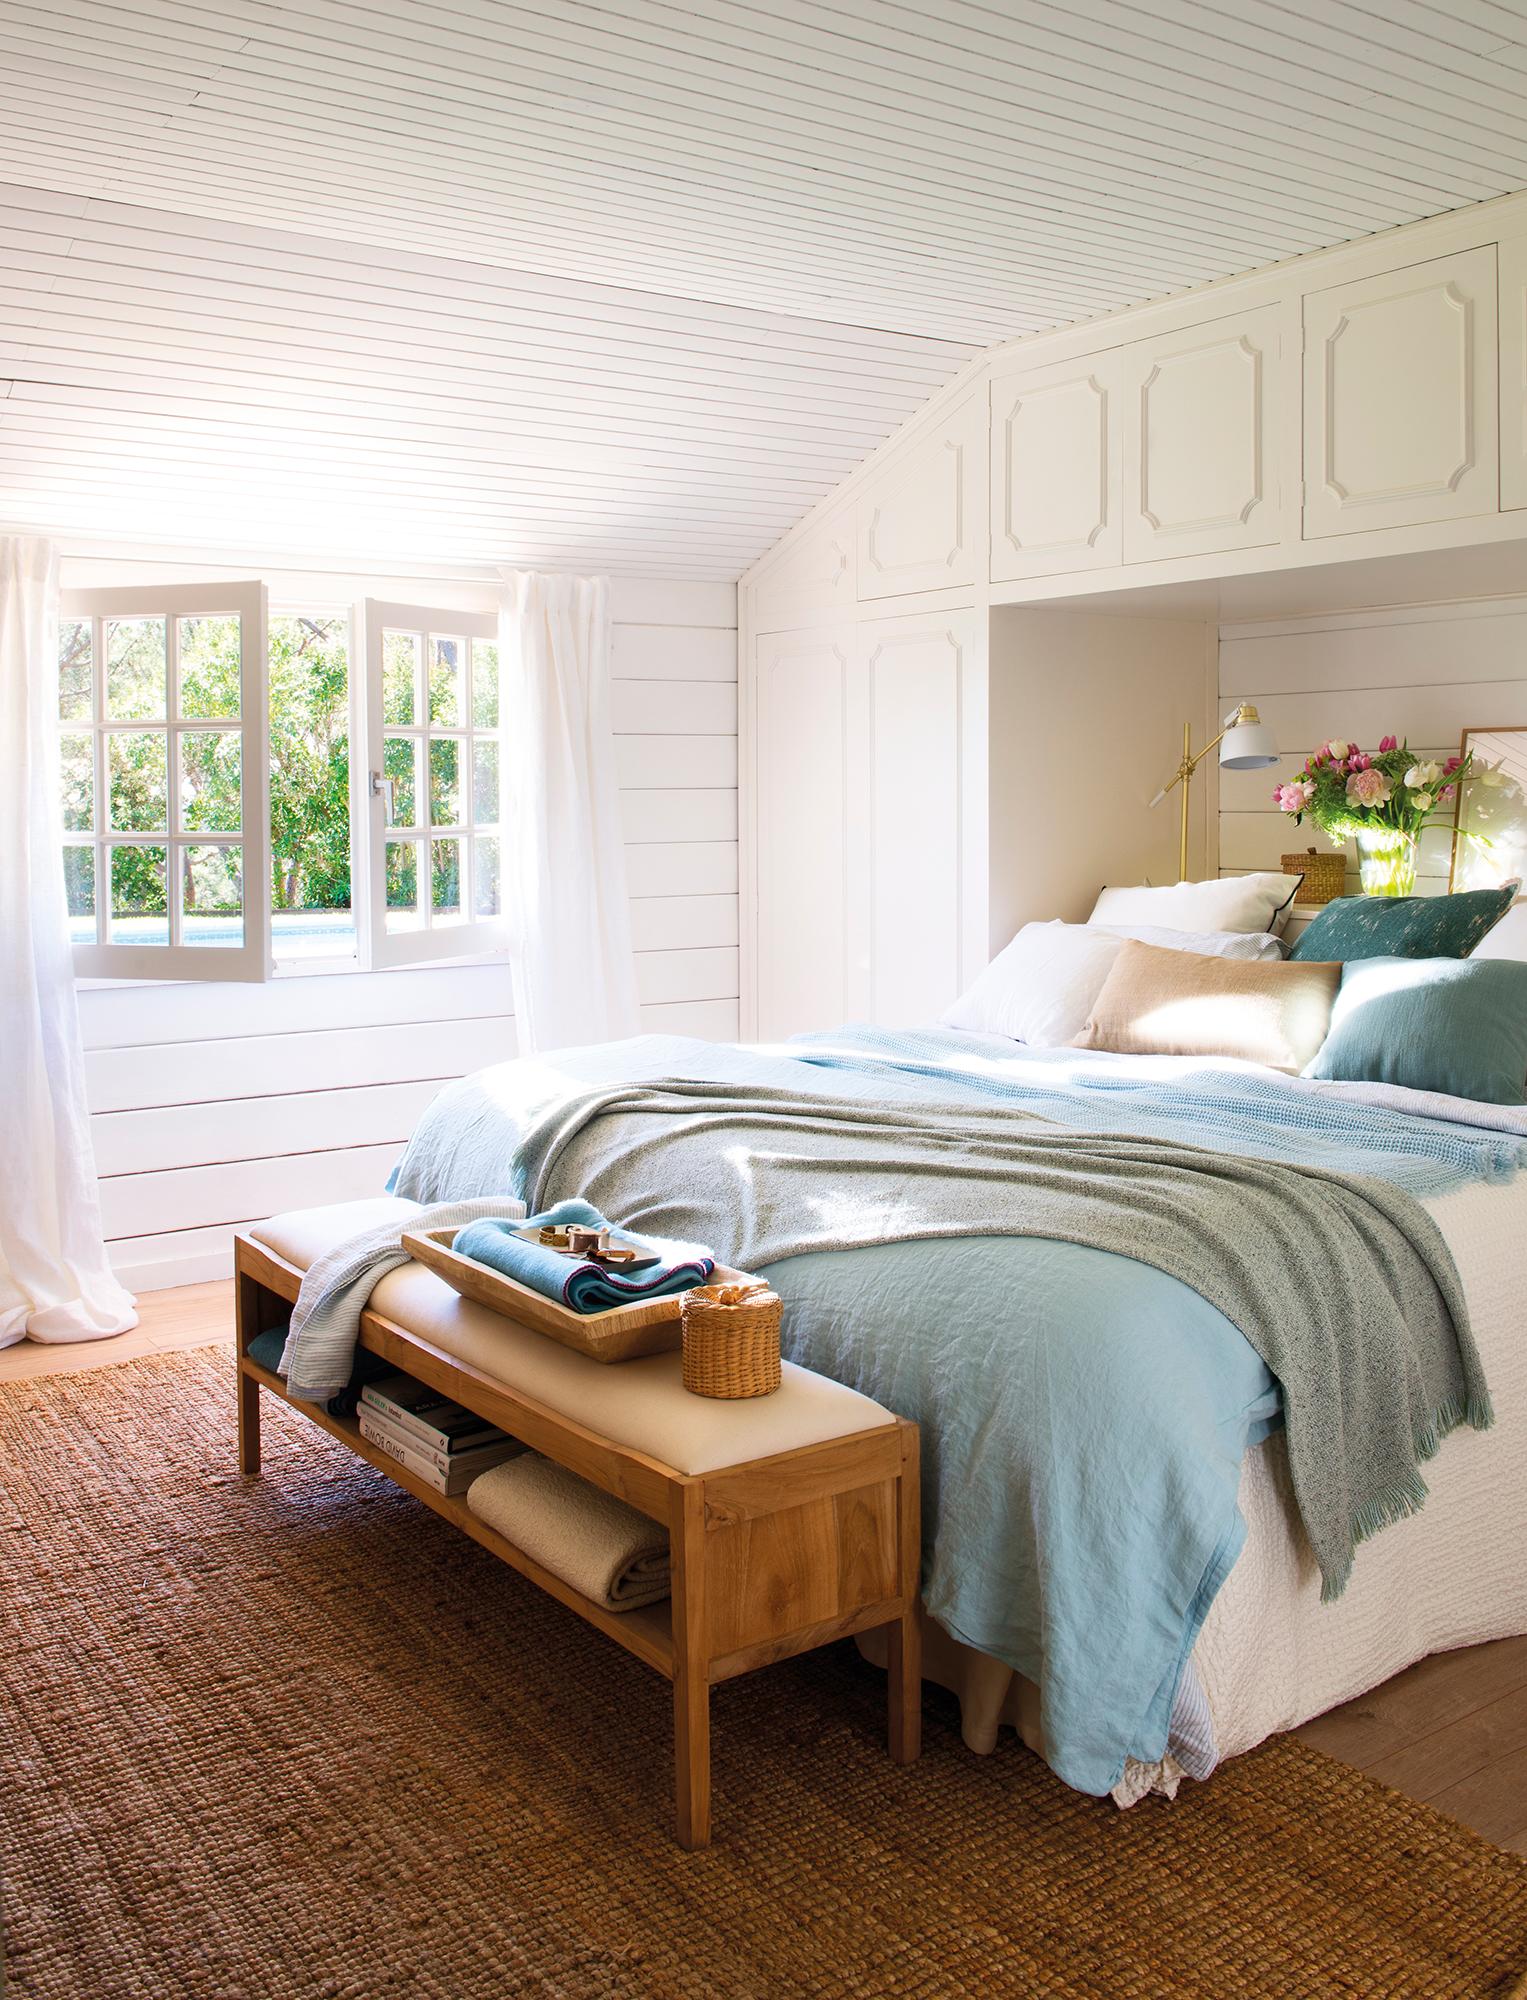 Guardar en el dormitorio: más de 15 ideas prácticas y capaces